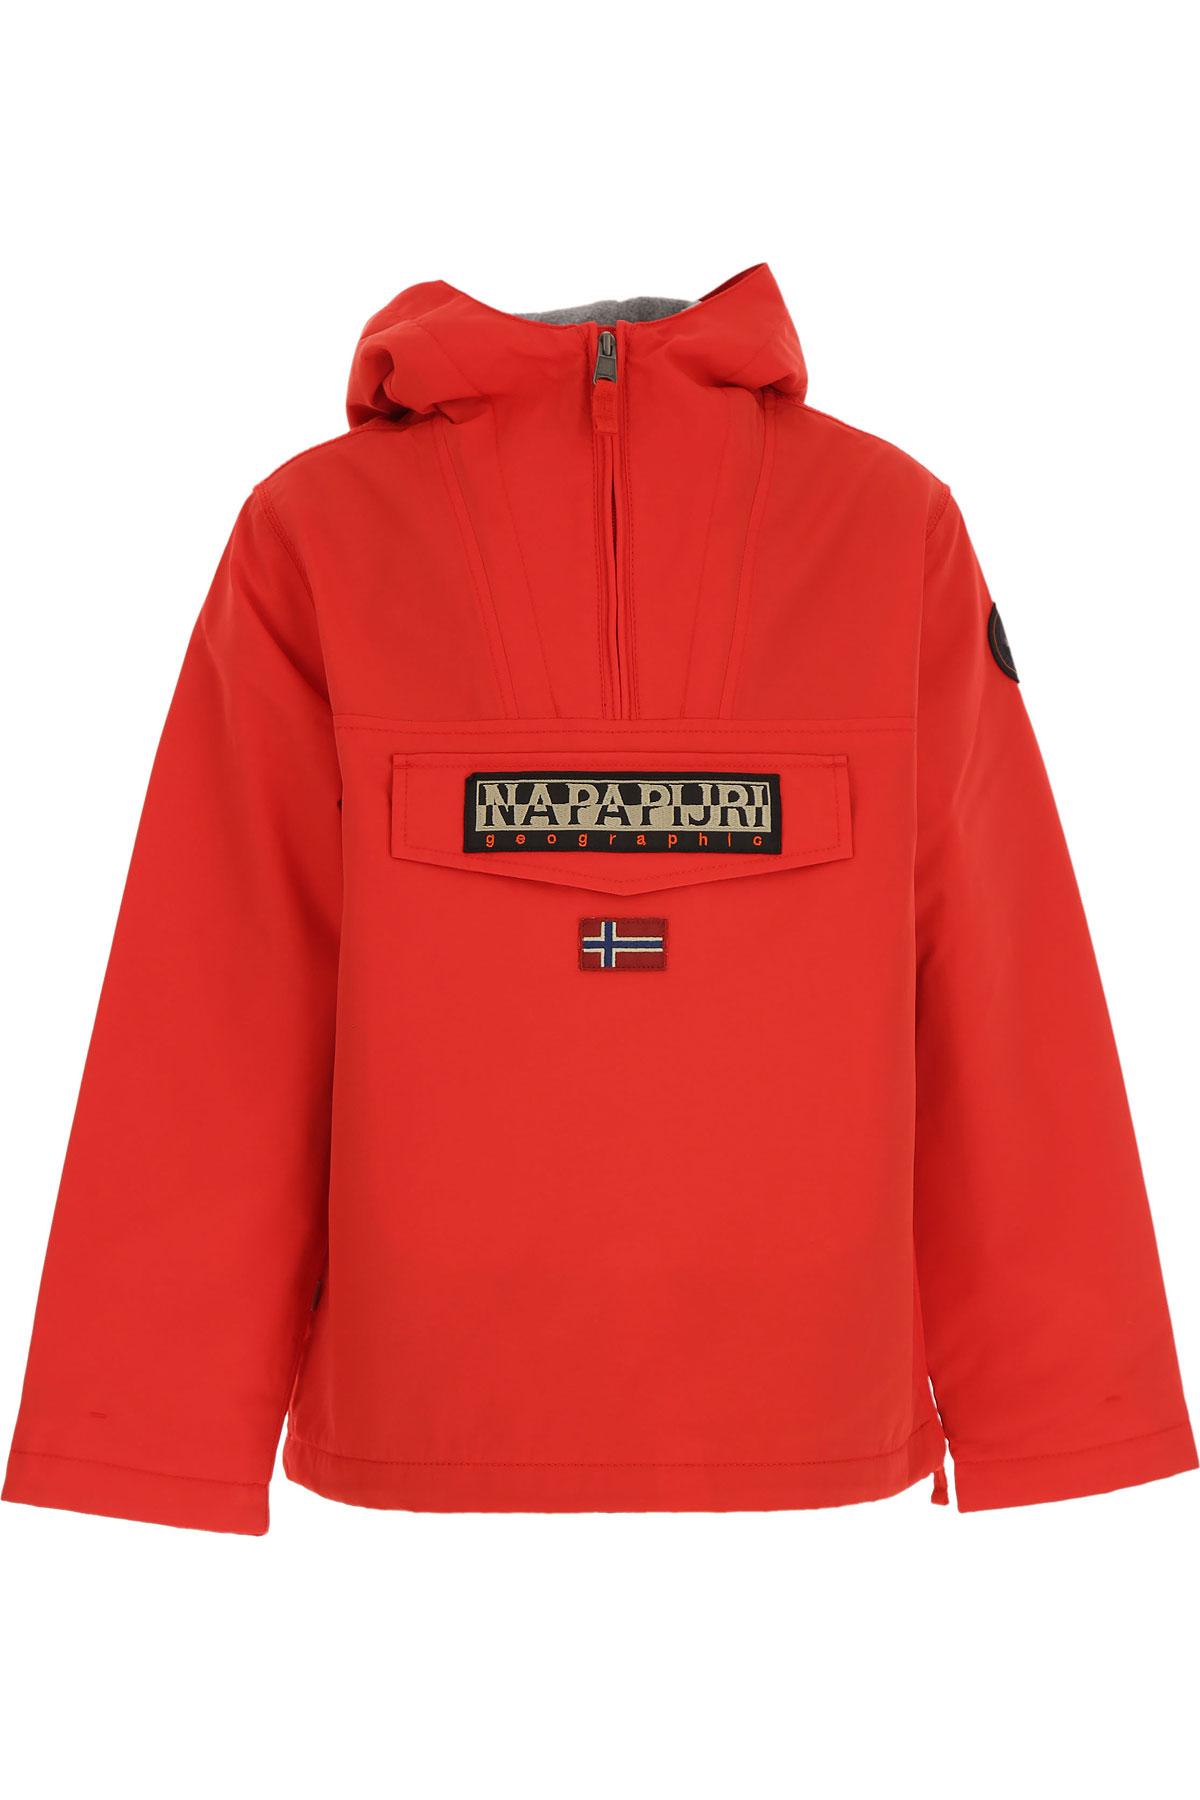 Napapijri Kids Jacket for Boys On Sale, Red, polyester, 2019, 10Y 12Y 6Y 8Y